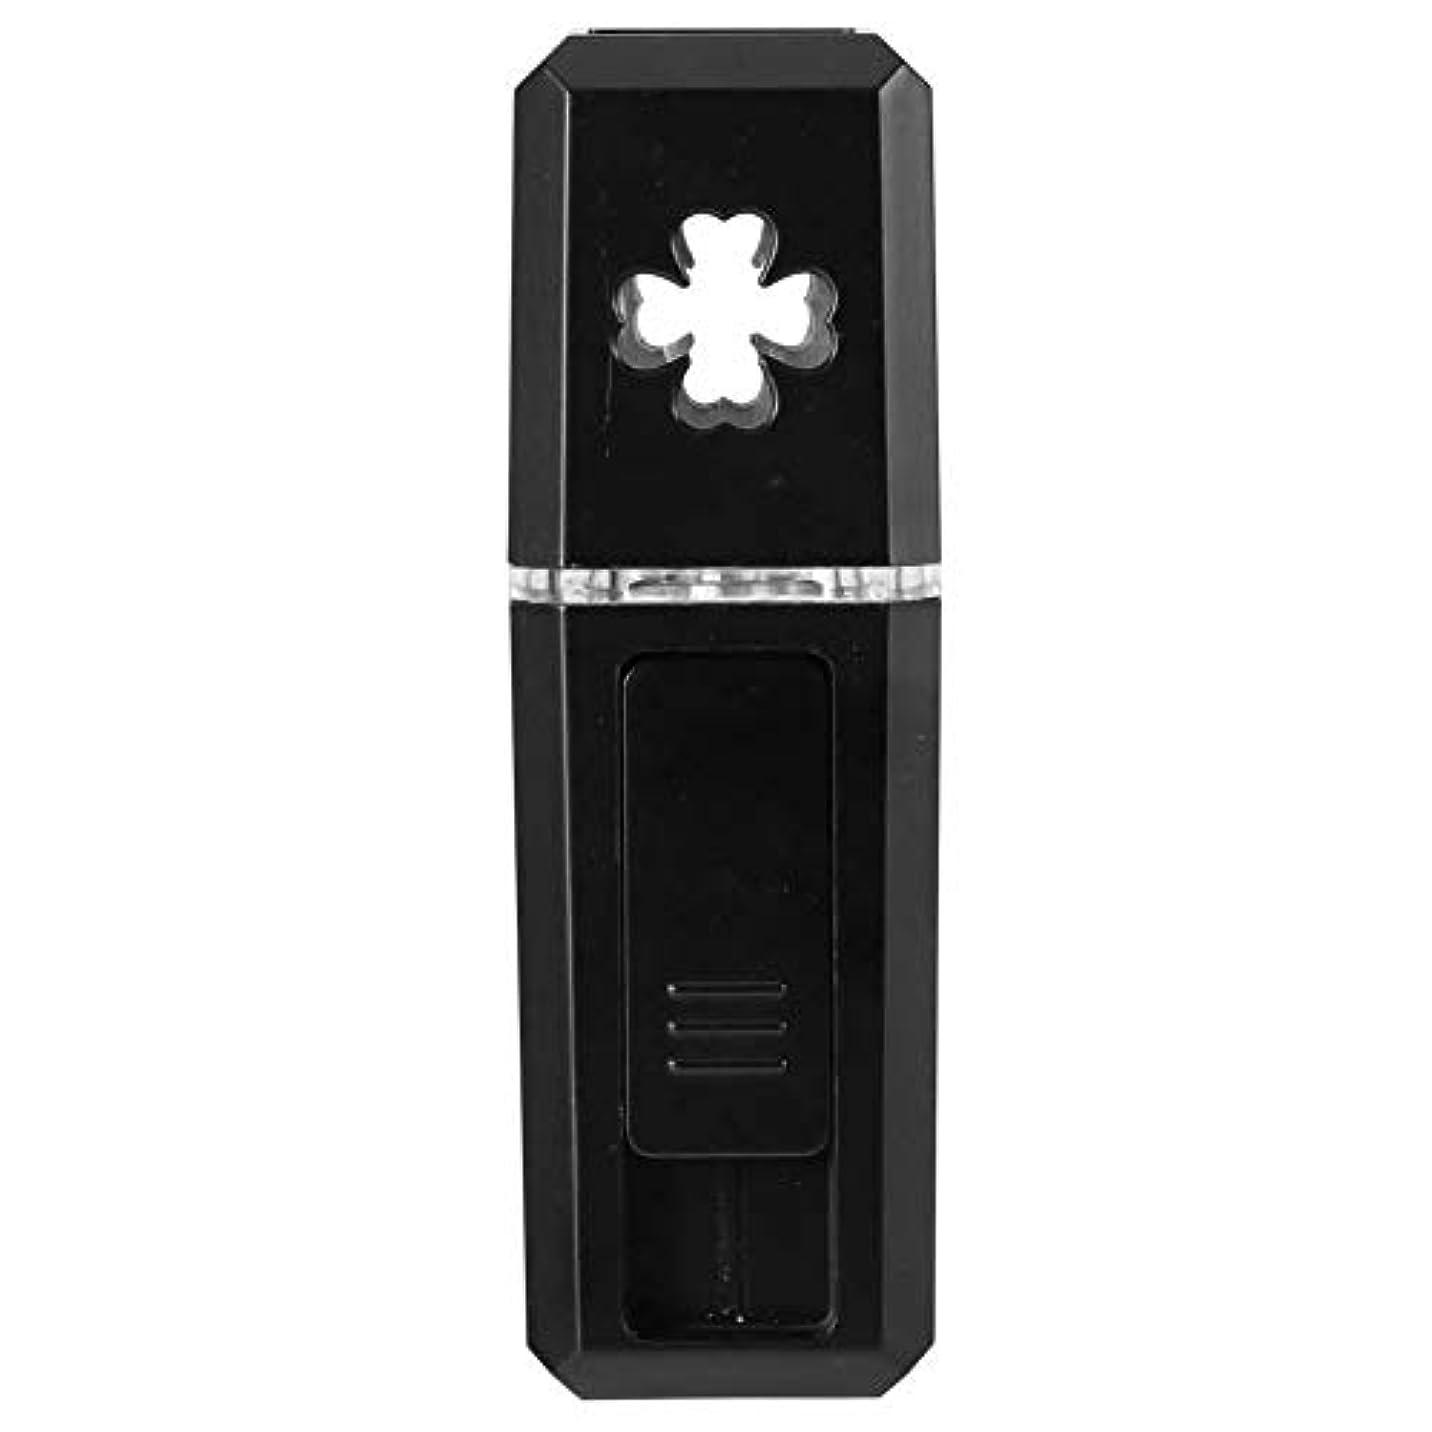 地味な練るミケランジェロ20ml口紅サイズミスト噴霧器、USB充電で保湿する便利なナノ噴霧機(02)